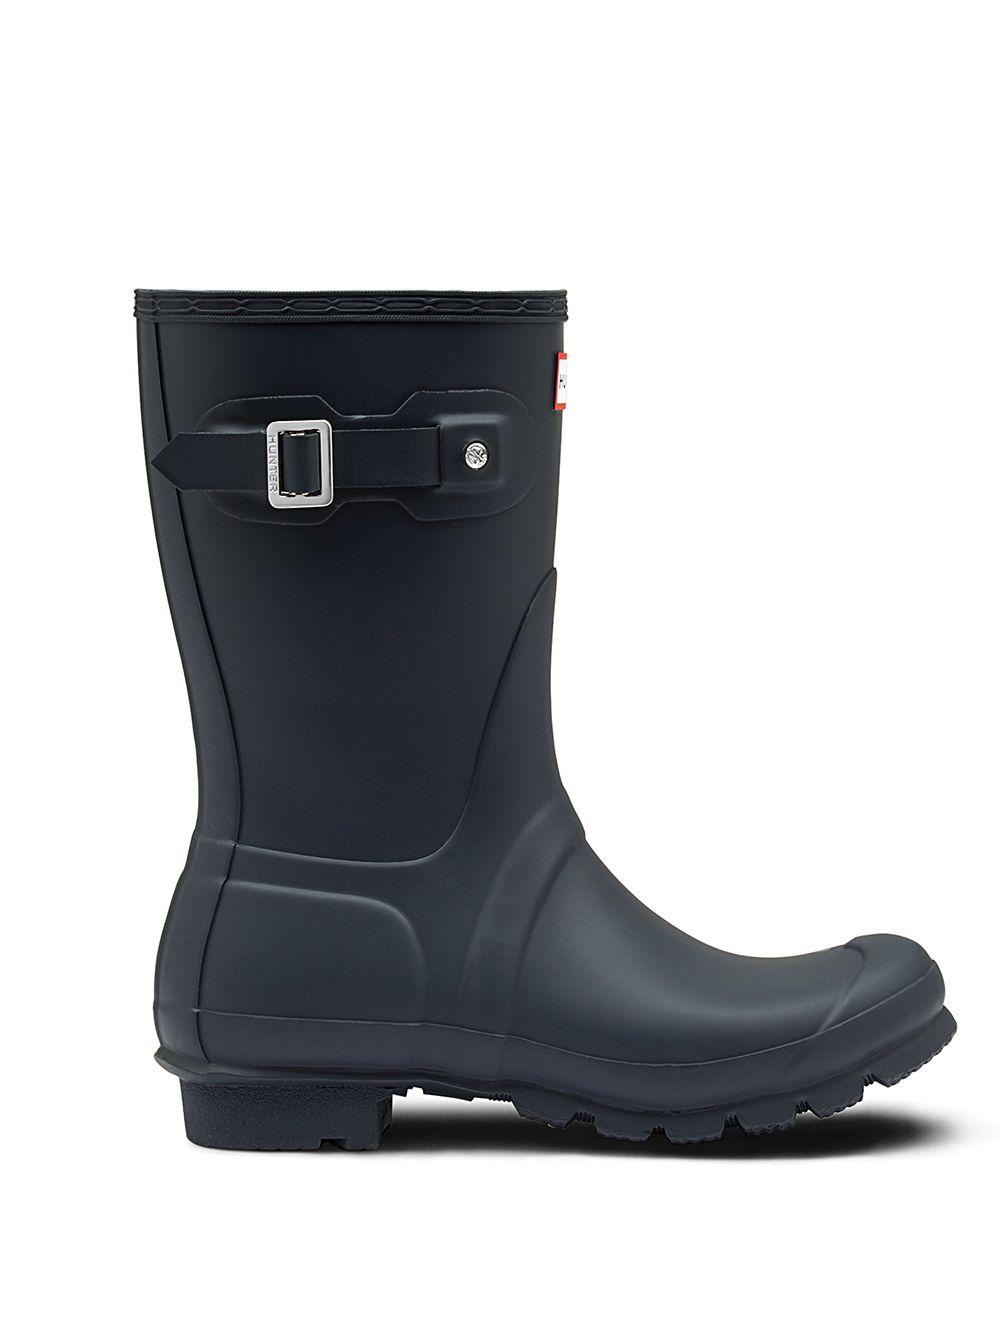 Wellington original ankle boots